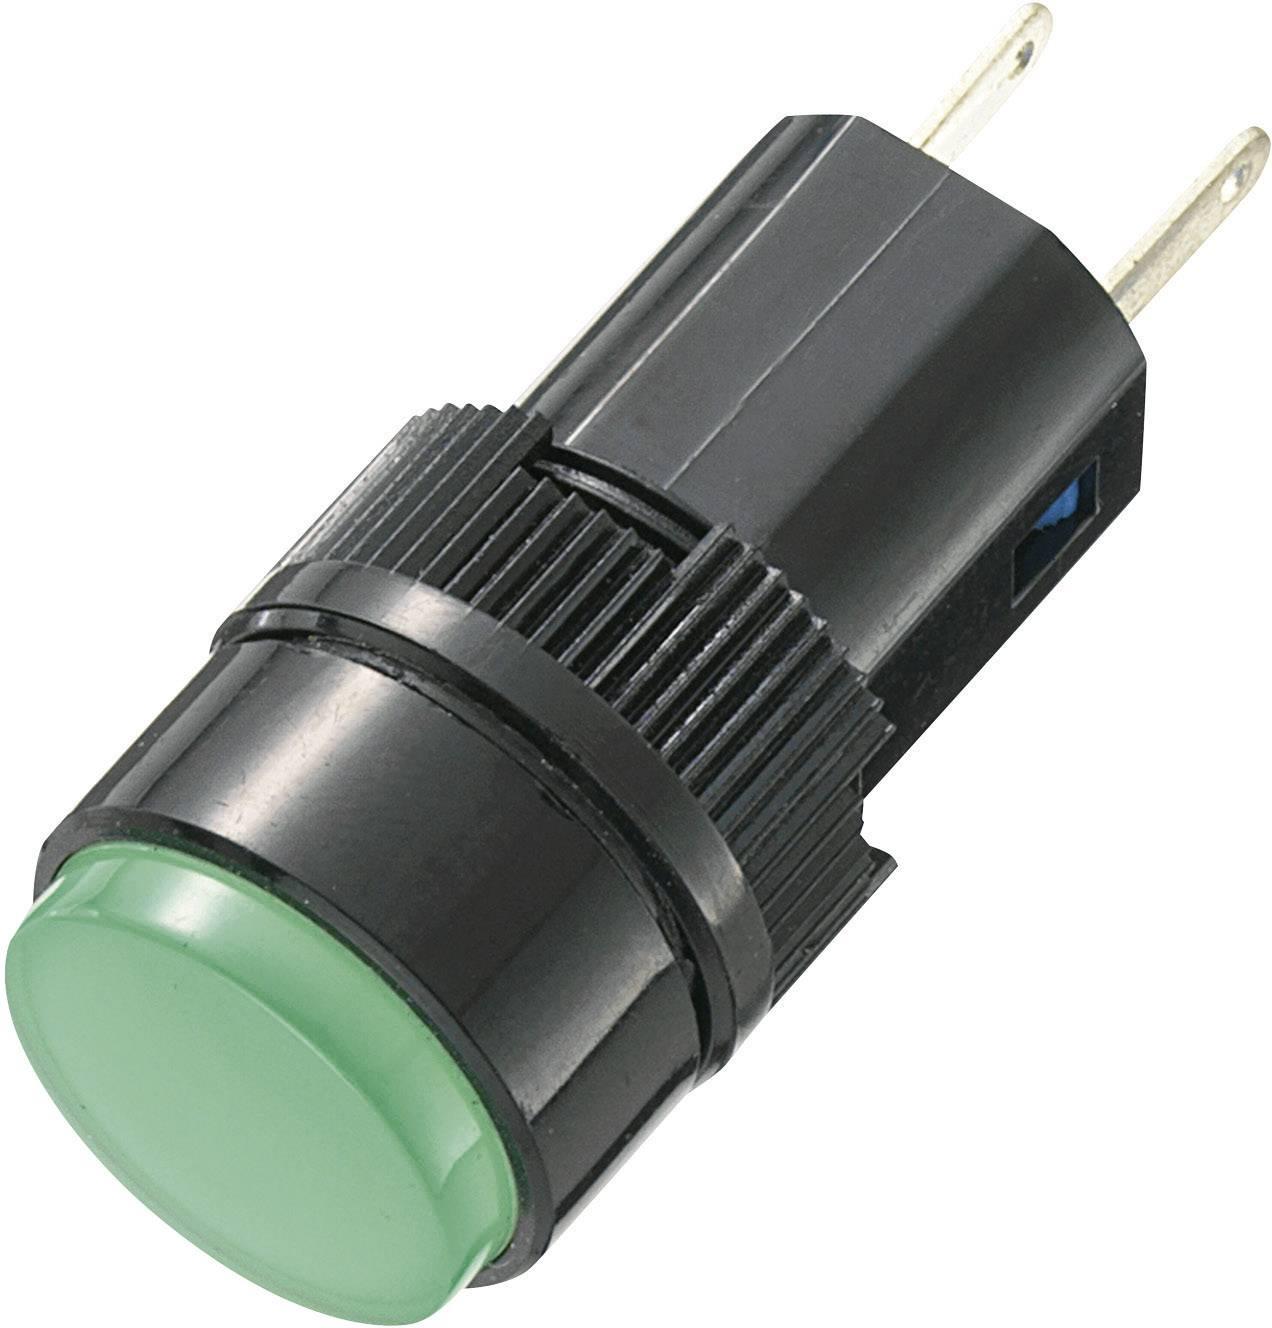 IndikačnéLED TRU COMPONENTS AD16-16A/24V/G, 24 V/DC, 24 V/AC, zelená